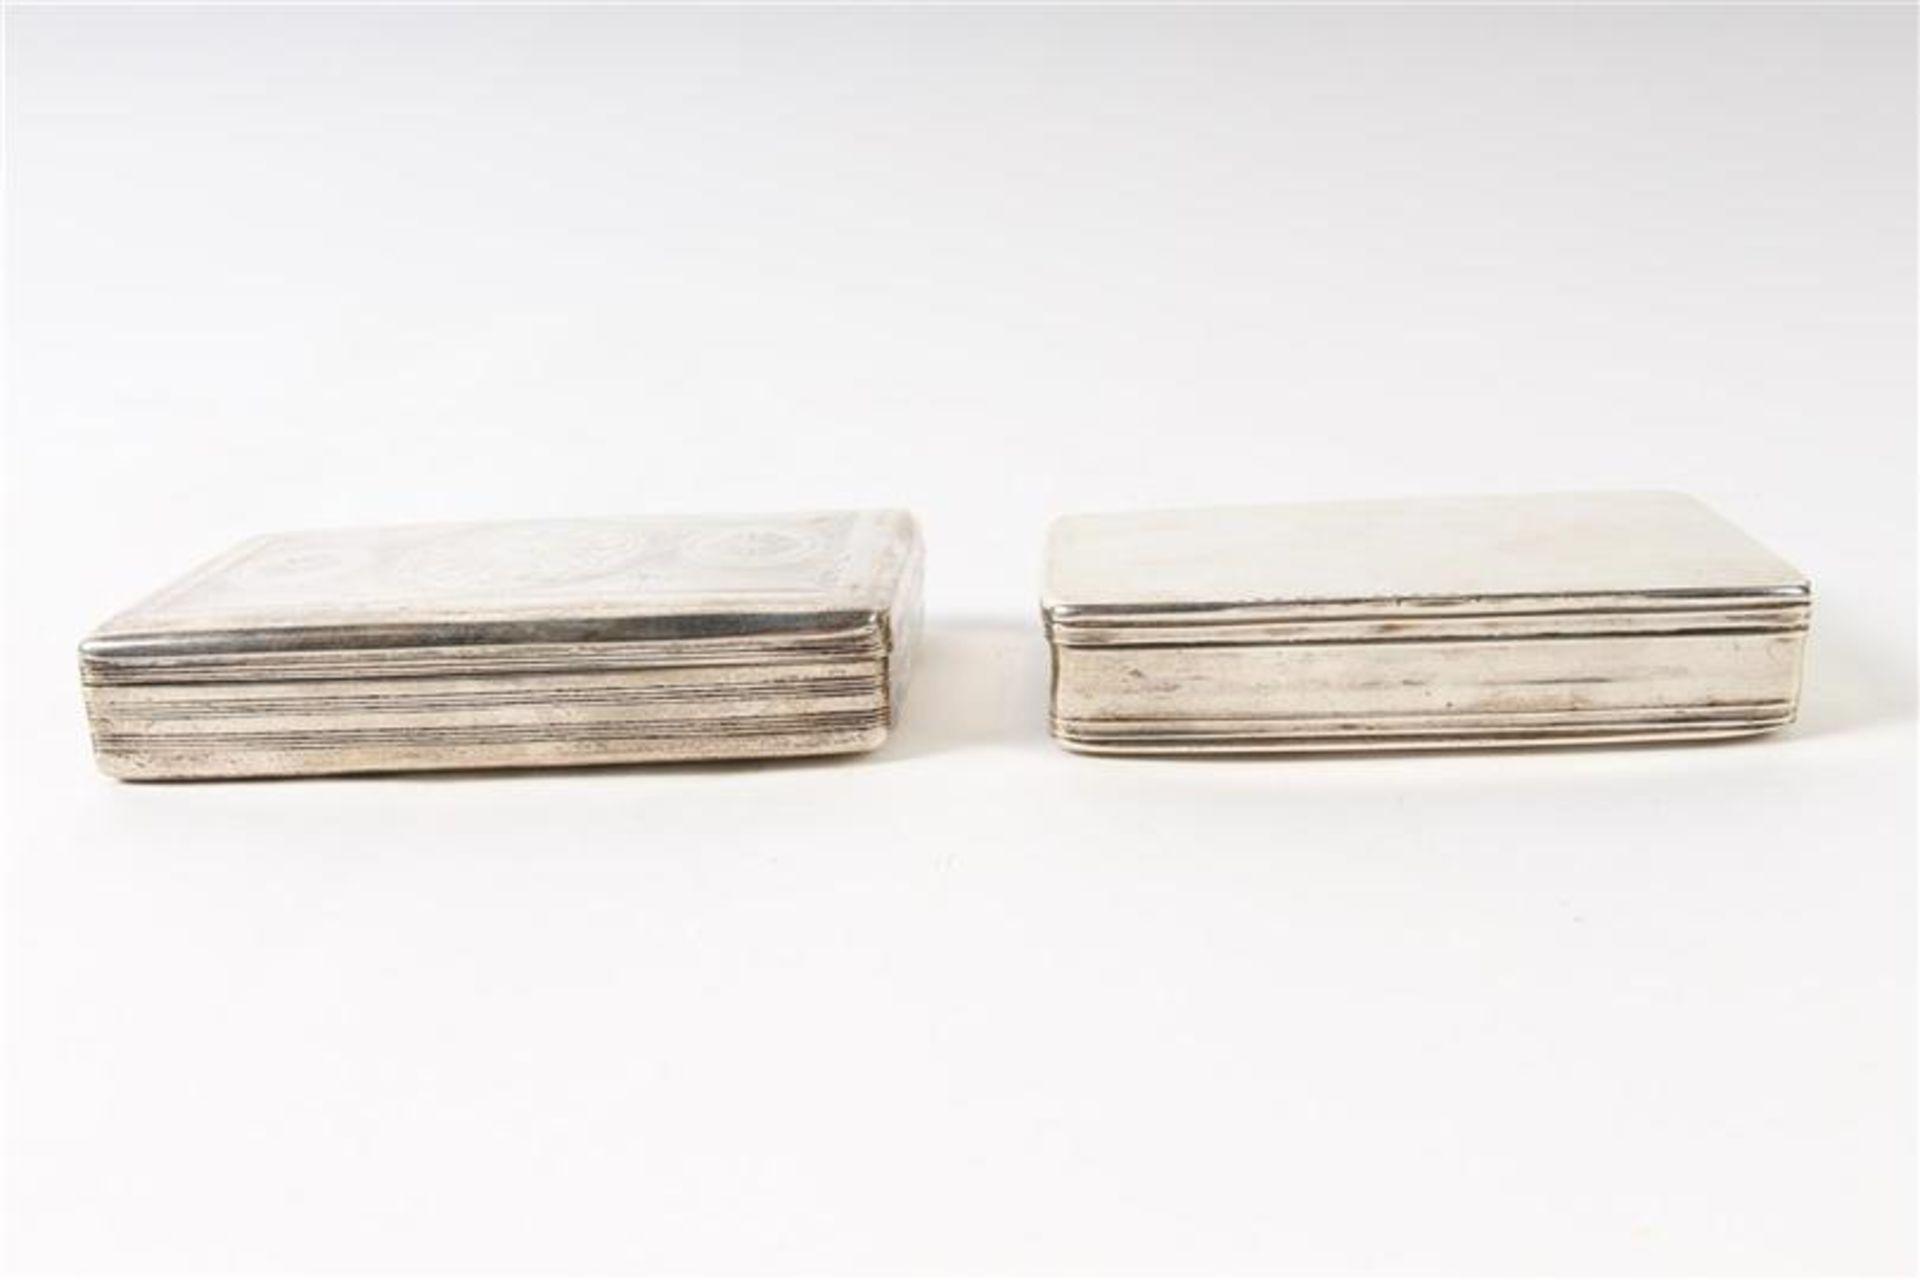 Twee zilveren tabaksdozen, Hollands gekeurd. HxBxD: 7 x 12.5 x 2.5 en 7 x 11.3 x 2.3 cm. - Bild 2 aus 5